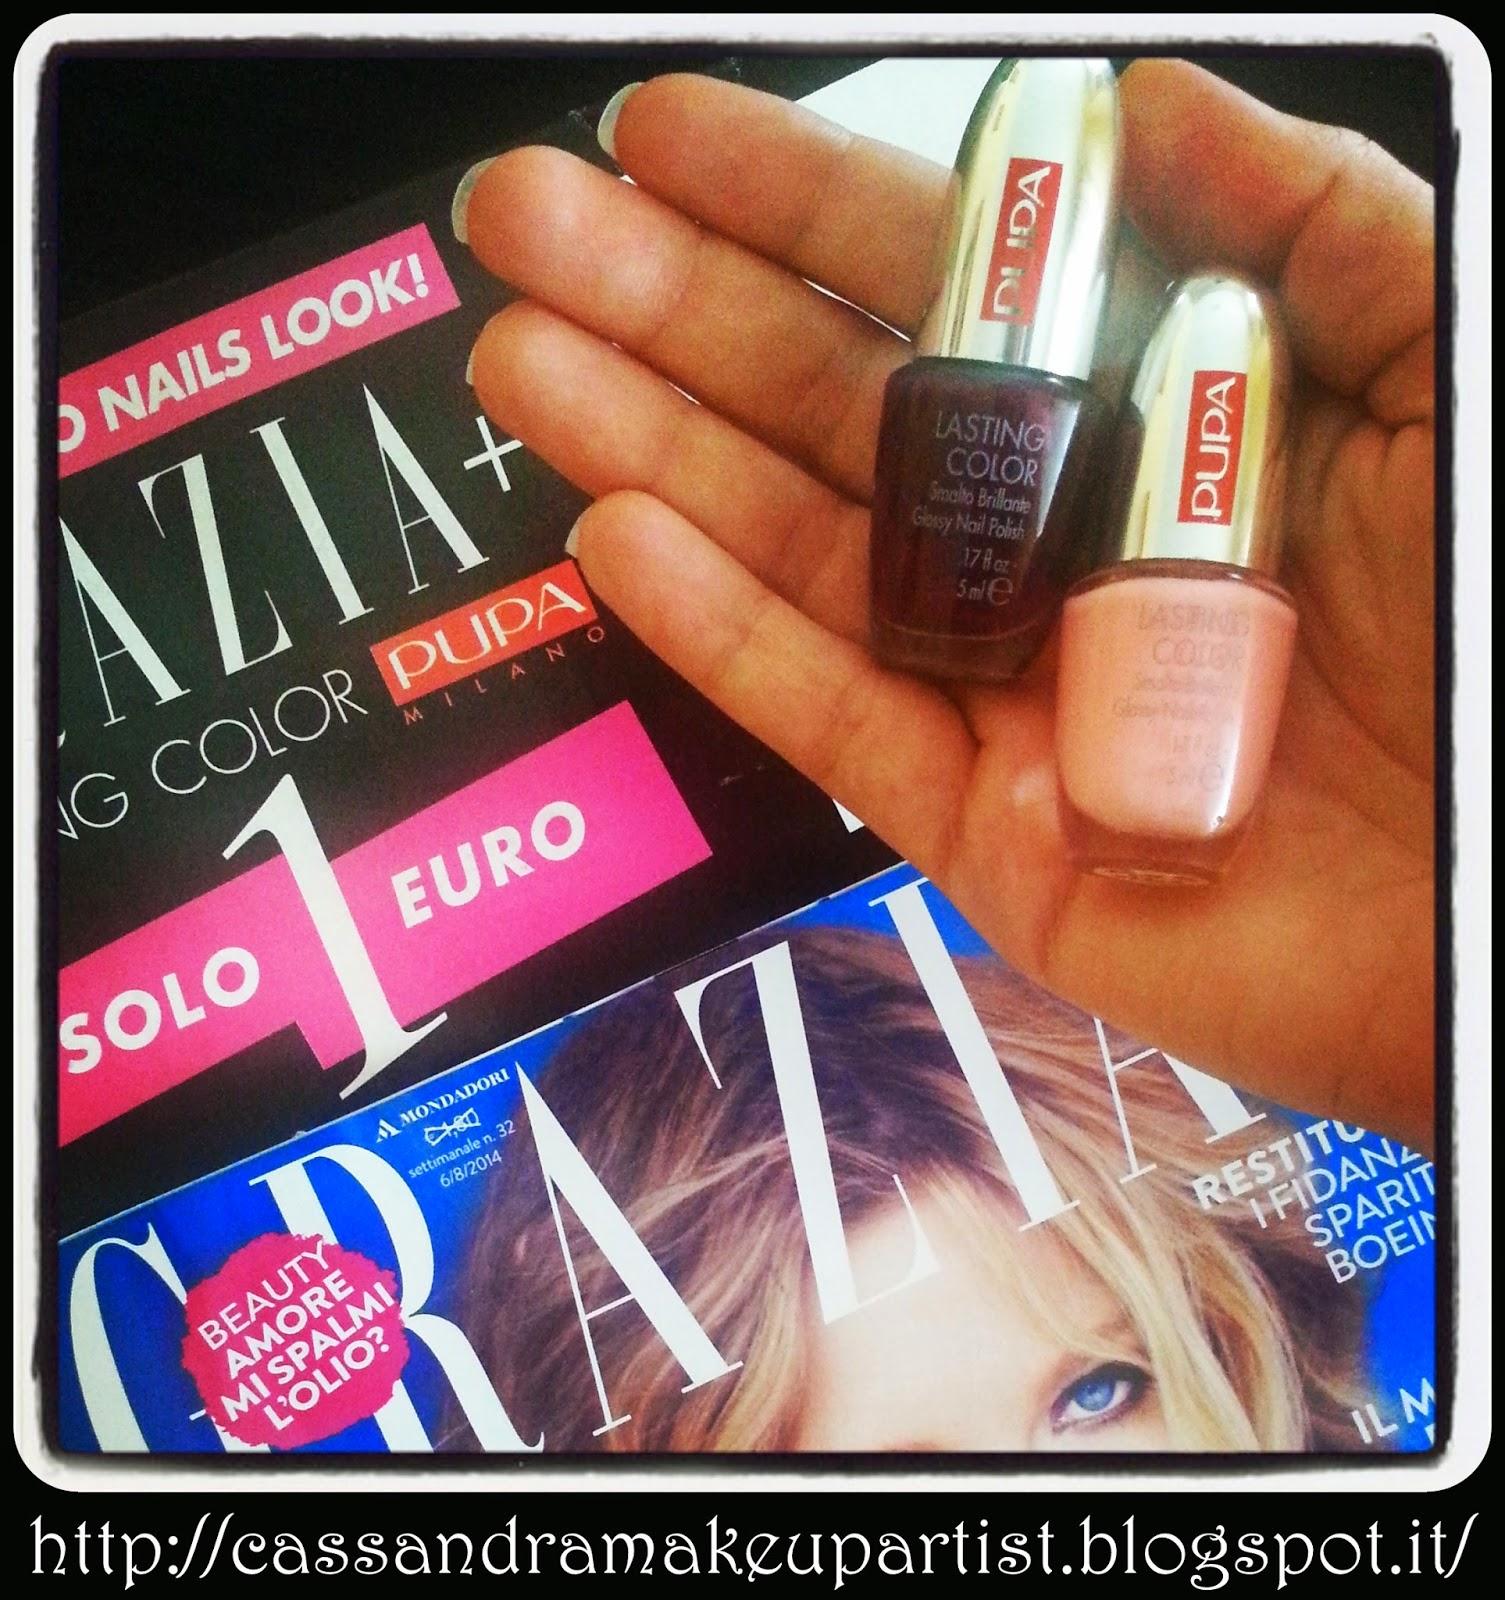 GRAZIA - Lasting Color di PUPA  in OMAGGIO - P166 P170 - nail polish - smalto unghie - free - campione omaggio - campioni omaggio - gratis - regalo - inserto - rivista  - edicola - corri in edicola - €1